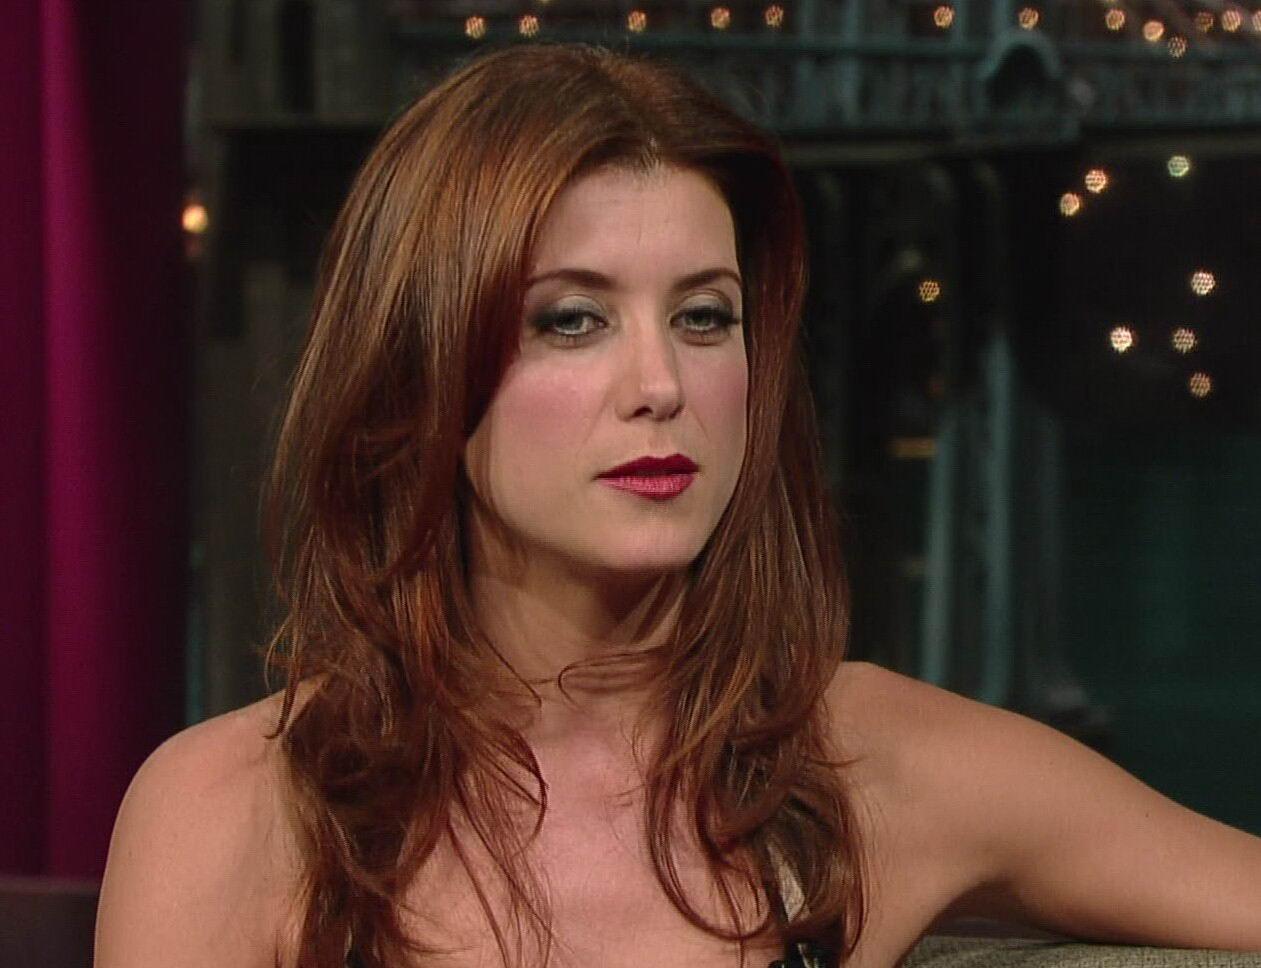 Kate Walsh desnuda - Página 2 fotos desnuda,